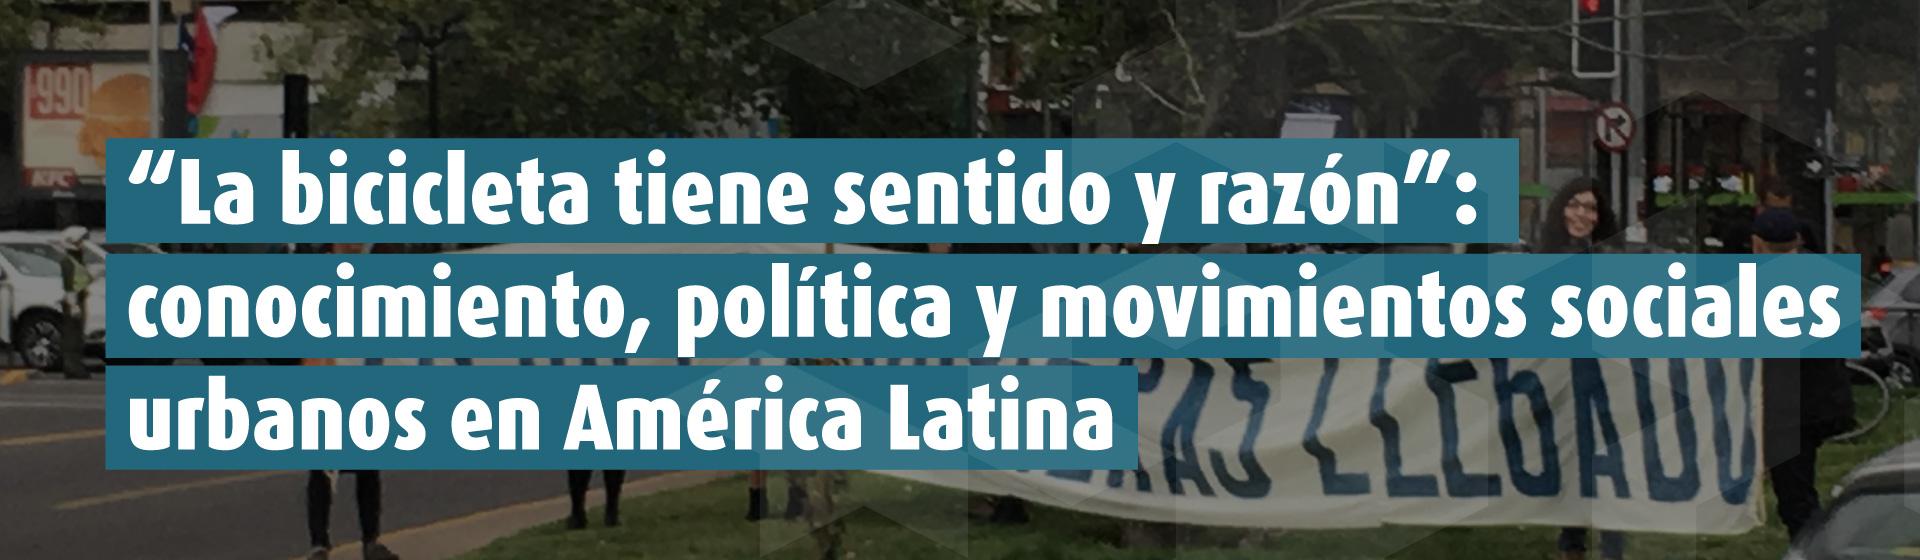 """""""La bicicleta tiene sentido y razón"""": conocimiento, política y movimientos sociales urbanos en América Latina - Cider   Uniandes"""